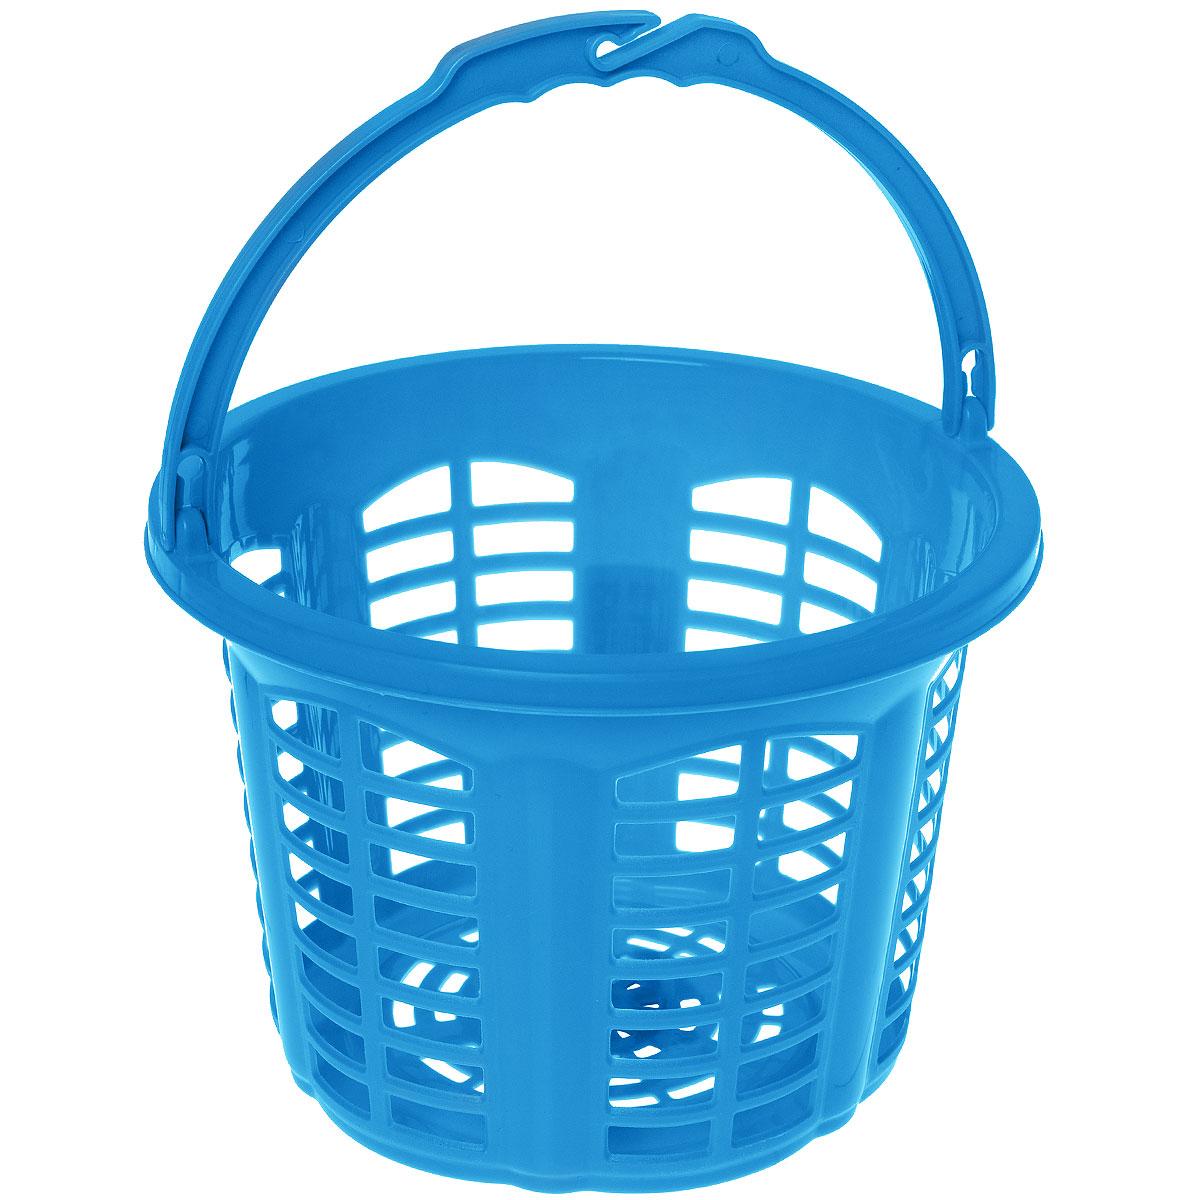 Корзина для прищепок Dunya Plastik Стиль, цвет: синий, 2,7 л05201Корзина Dunya Plastik Стиль, выполненная из высококачественного цветного пластика, оснащена удобной ручкой для переноски. Изделие предназначено для хранения прищепок и прочих хозяйственных мелочей. Боковые стенки и дно корзины оформлены перфорацией. Корзина очень вместительная. Элегантный выдержанный дизайн позволяет ей органично вписаться в ваш интерьер и стать его элементом.